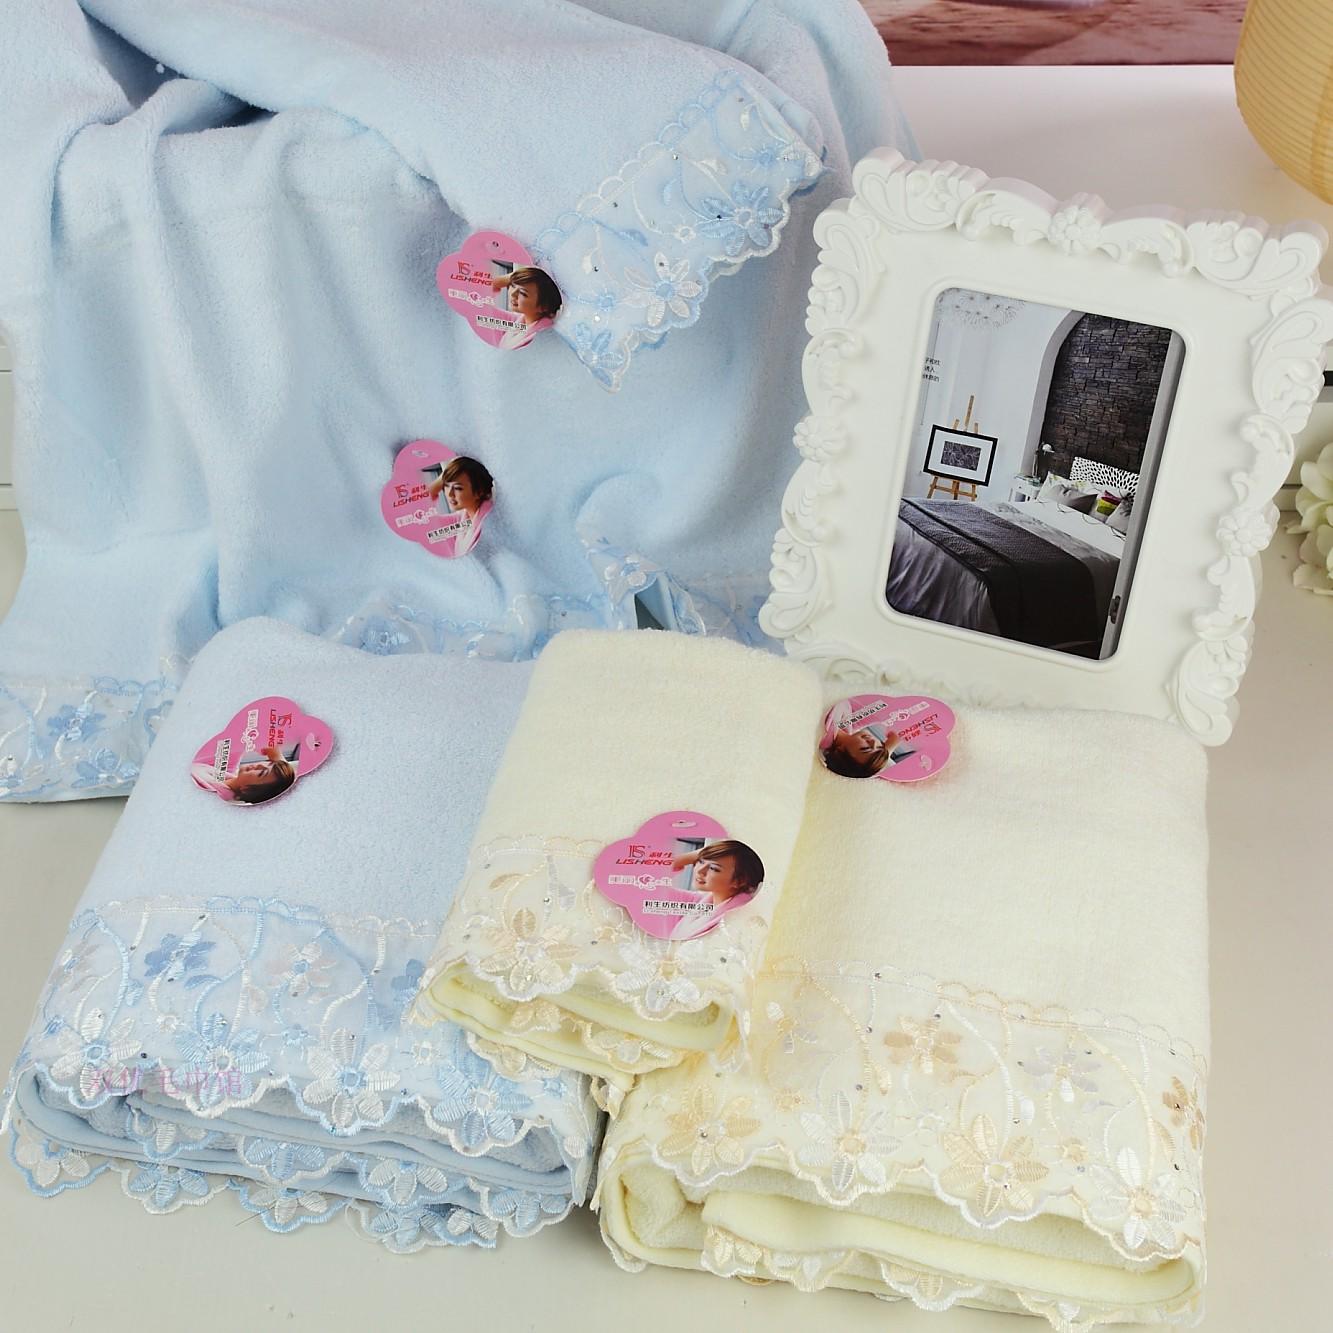 New arrival 100% cotton yarn diamond lace decoration 3piece set Towel set: bath towel 70*140cm+2pcs face towel 33*76cm(China (Mainland))